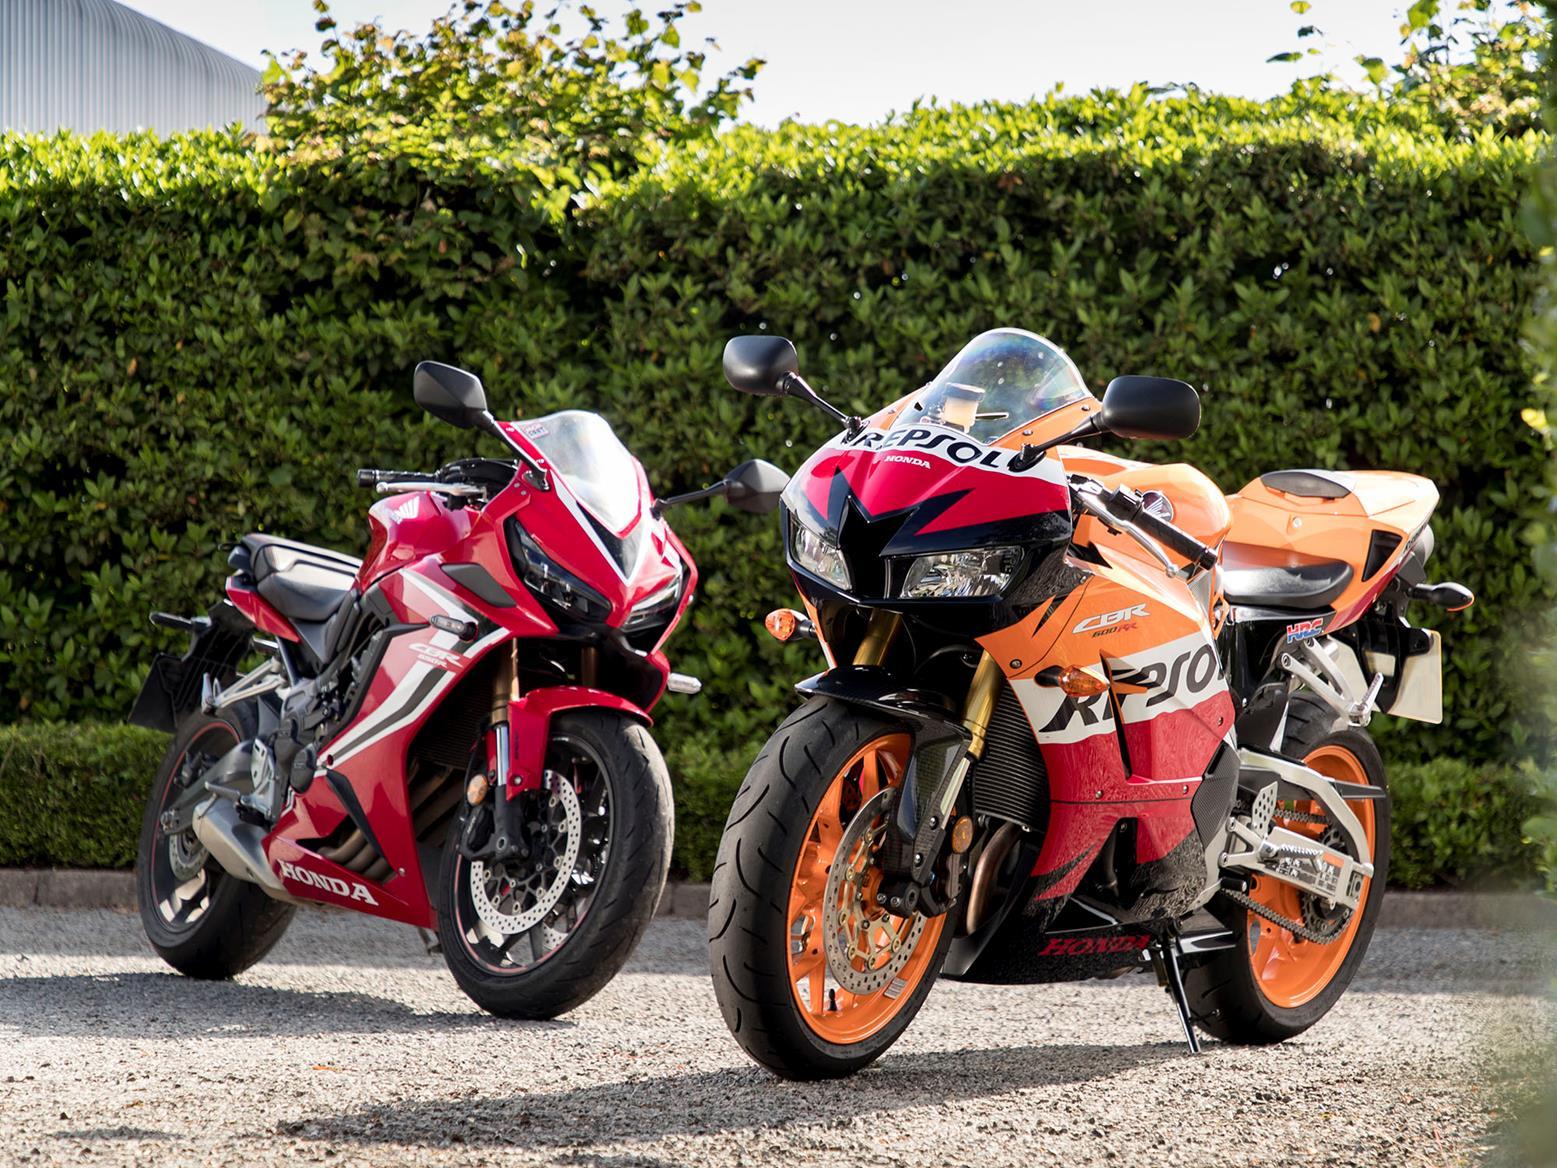 Honda CBR650R and CBR600RR